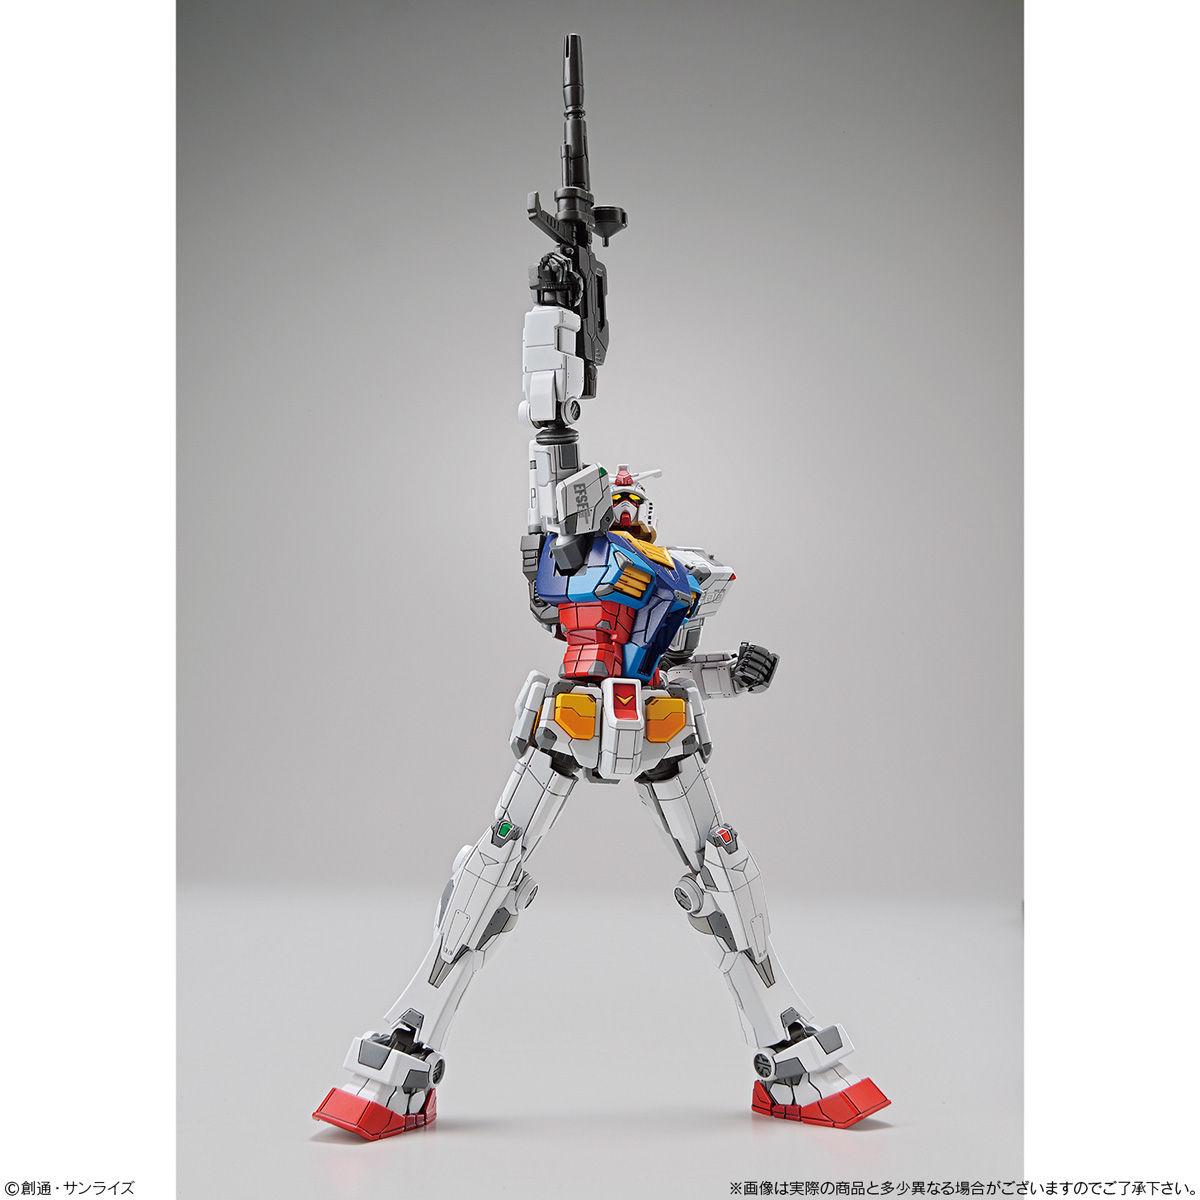 【先行販売】GUNDAM FACTORY YOKOHAMA『RX-78F00 ガンダム&ガンダムドック』1/144 プラモデル-008